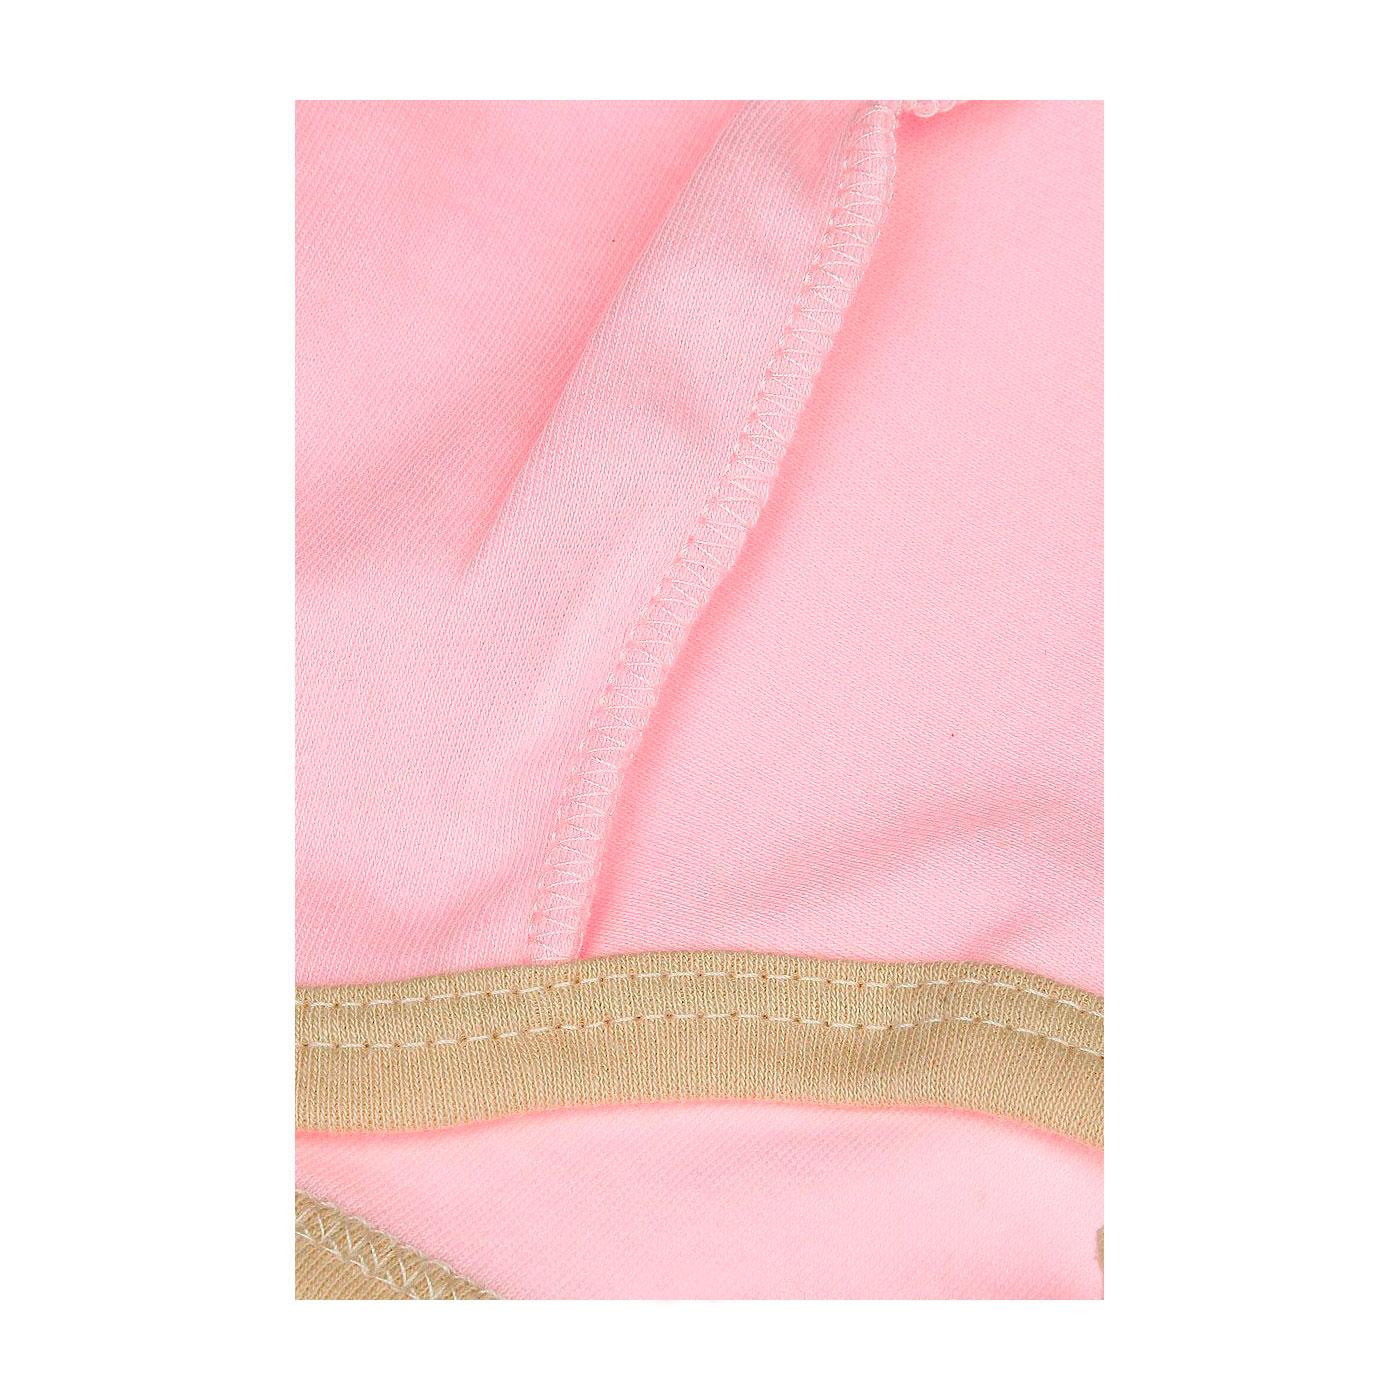 Чепчик Котмаркот Зайкина любовь размер 44 розовый (КОТМАРКОТ)